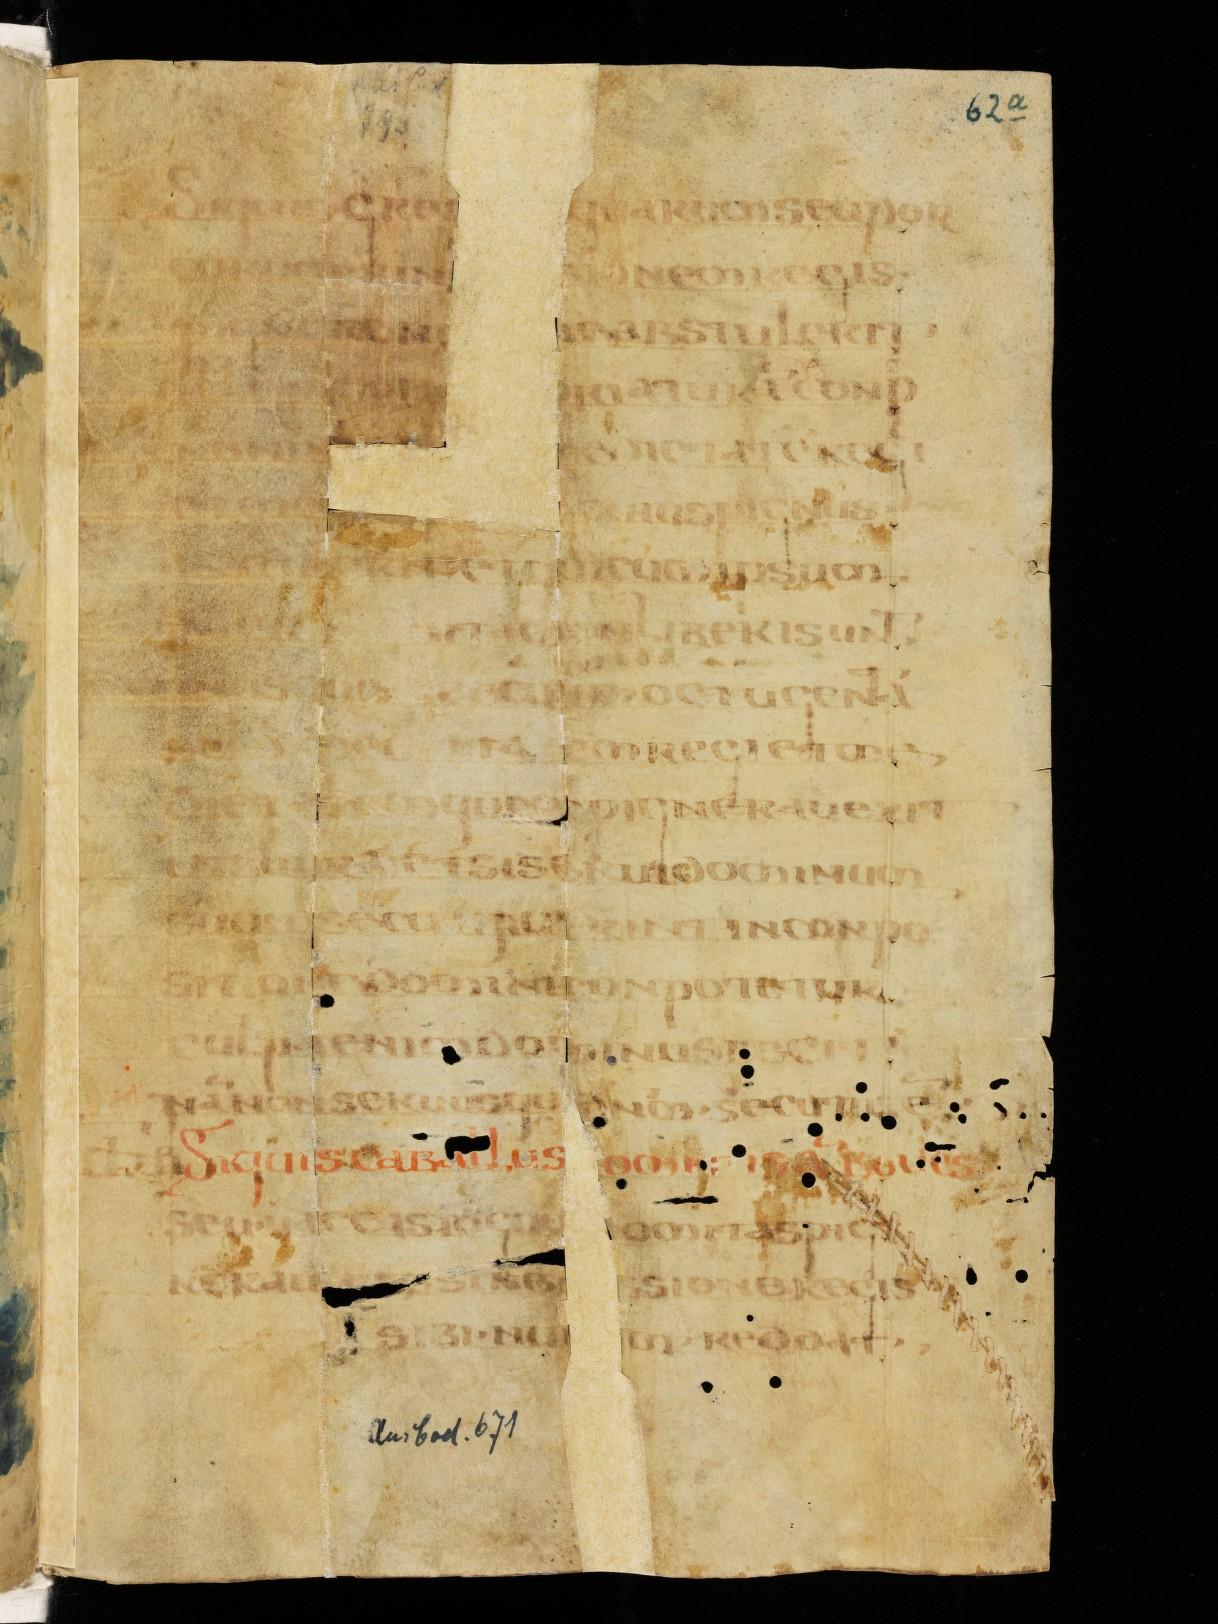 Cod. Sang. 730, p. 62a